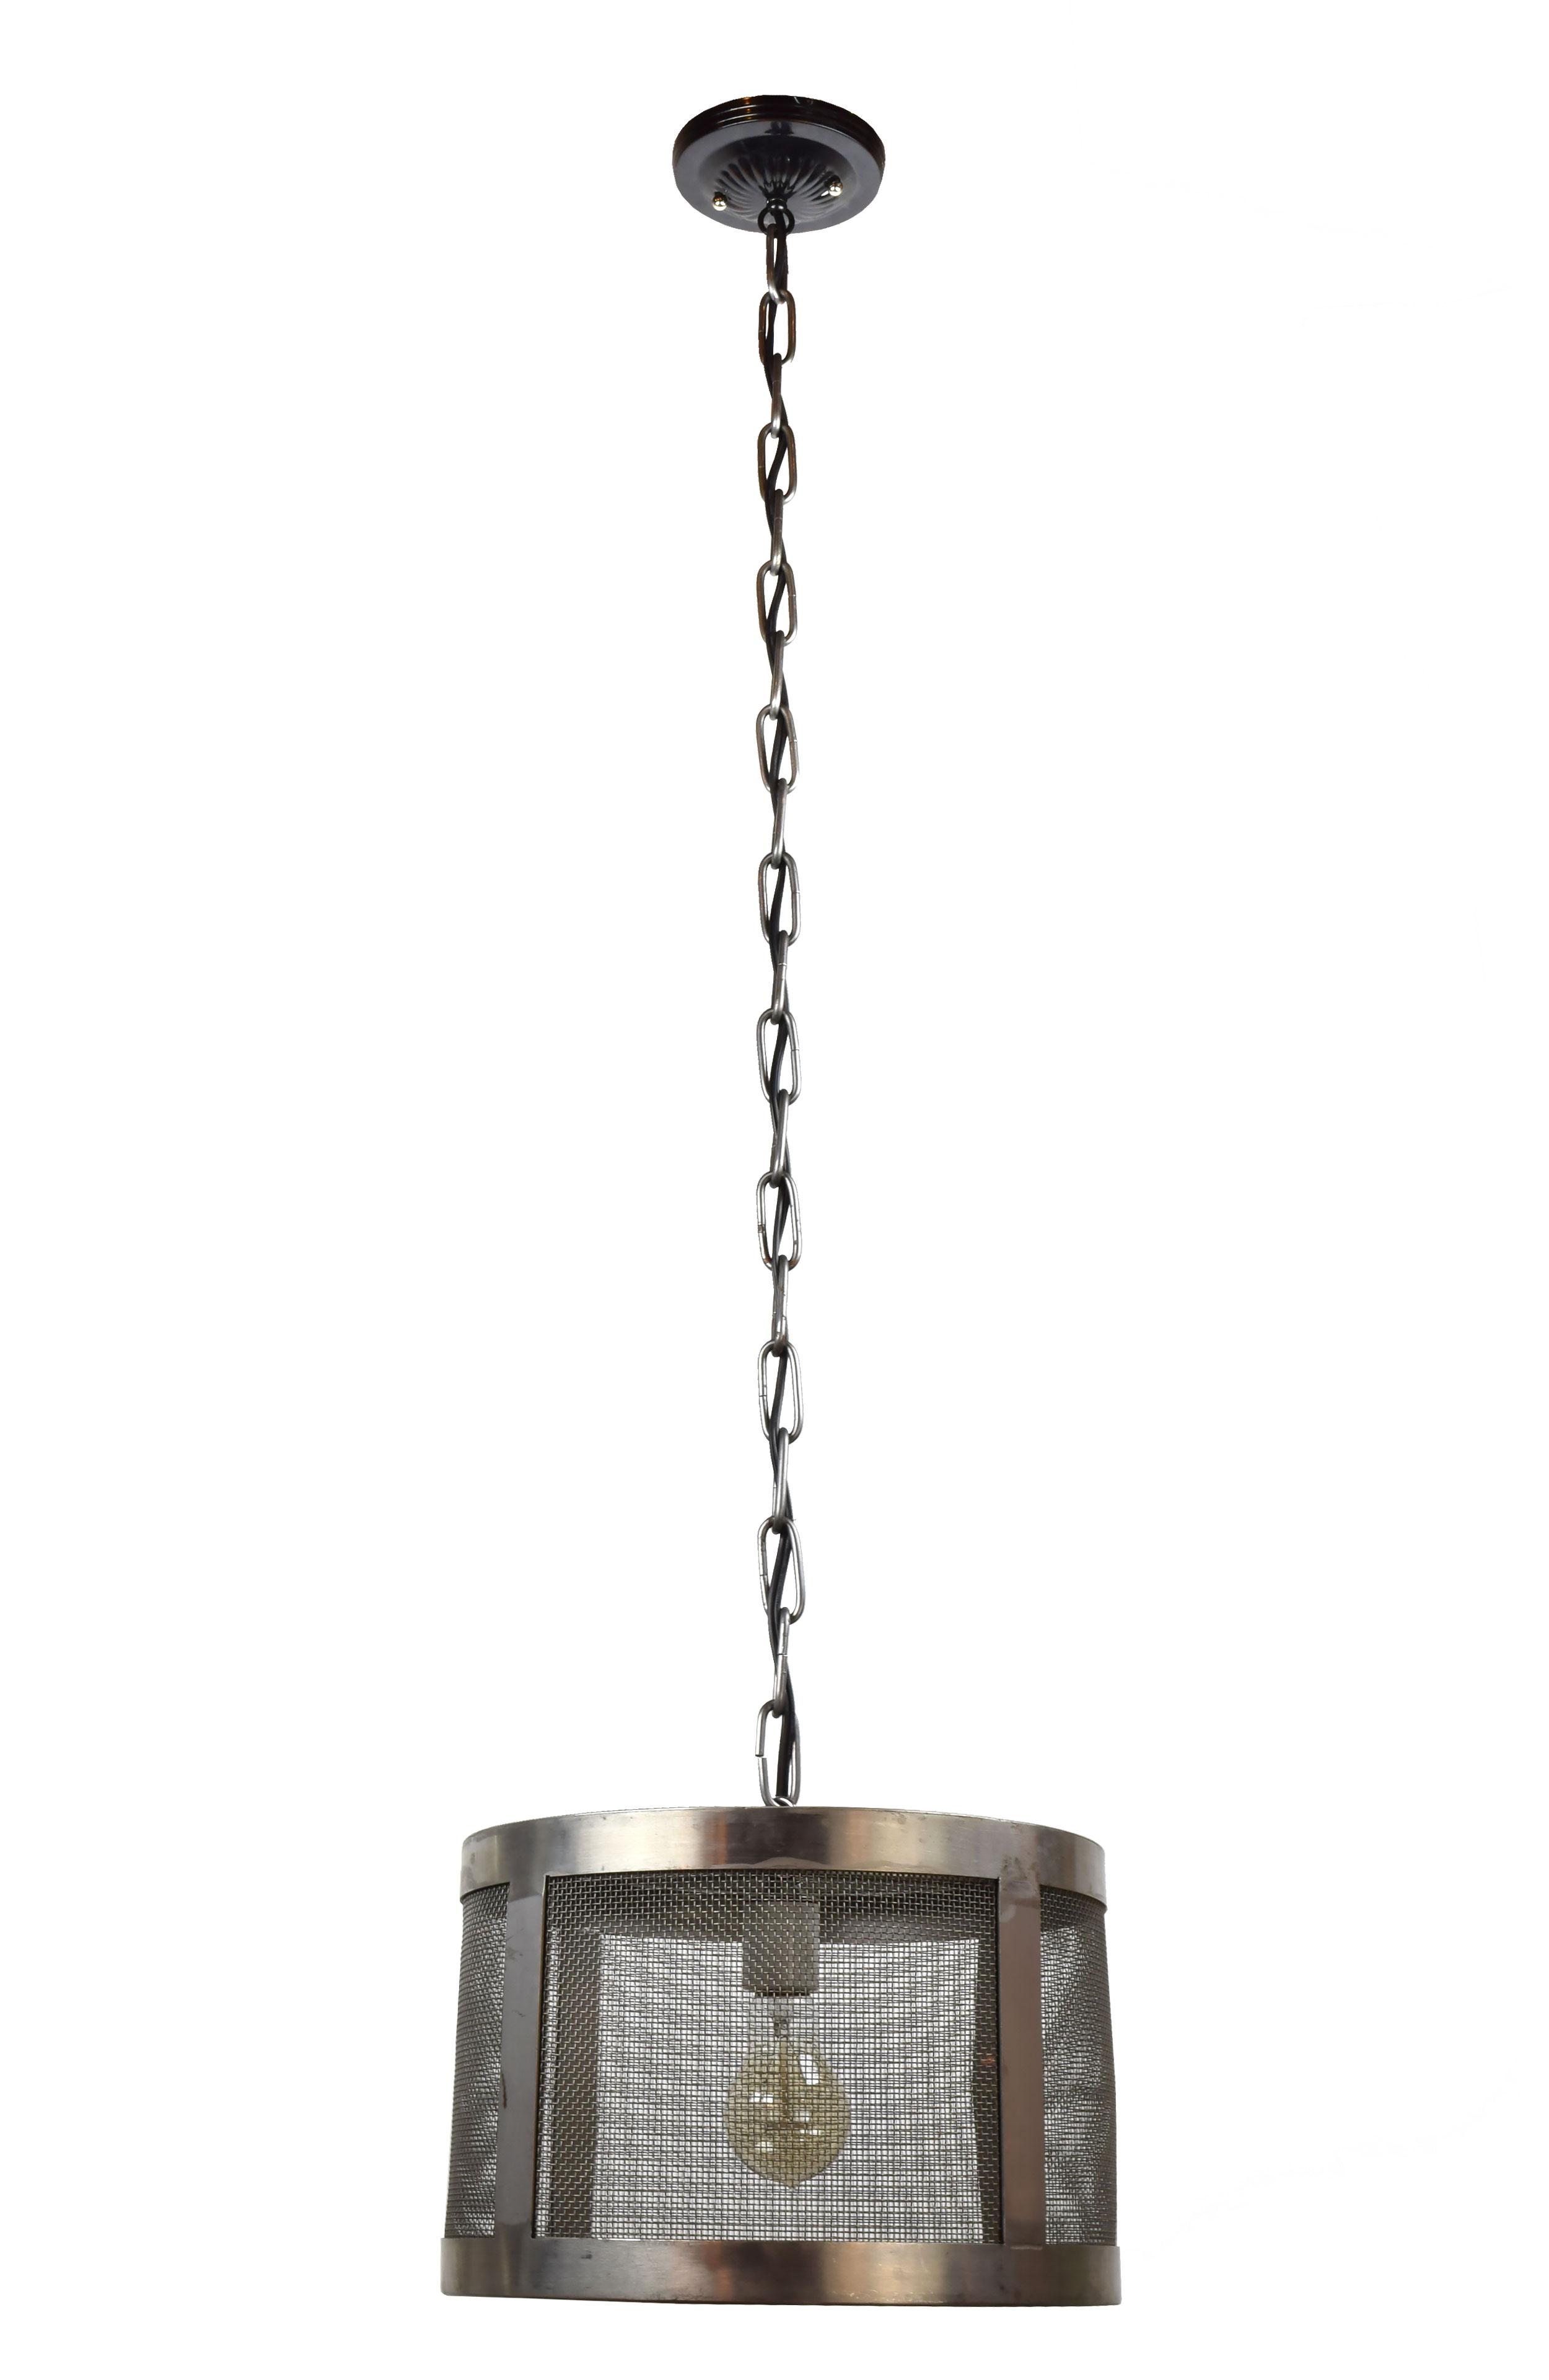 47180-steel-drum-pendant-straight-on-view.jpg